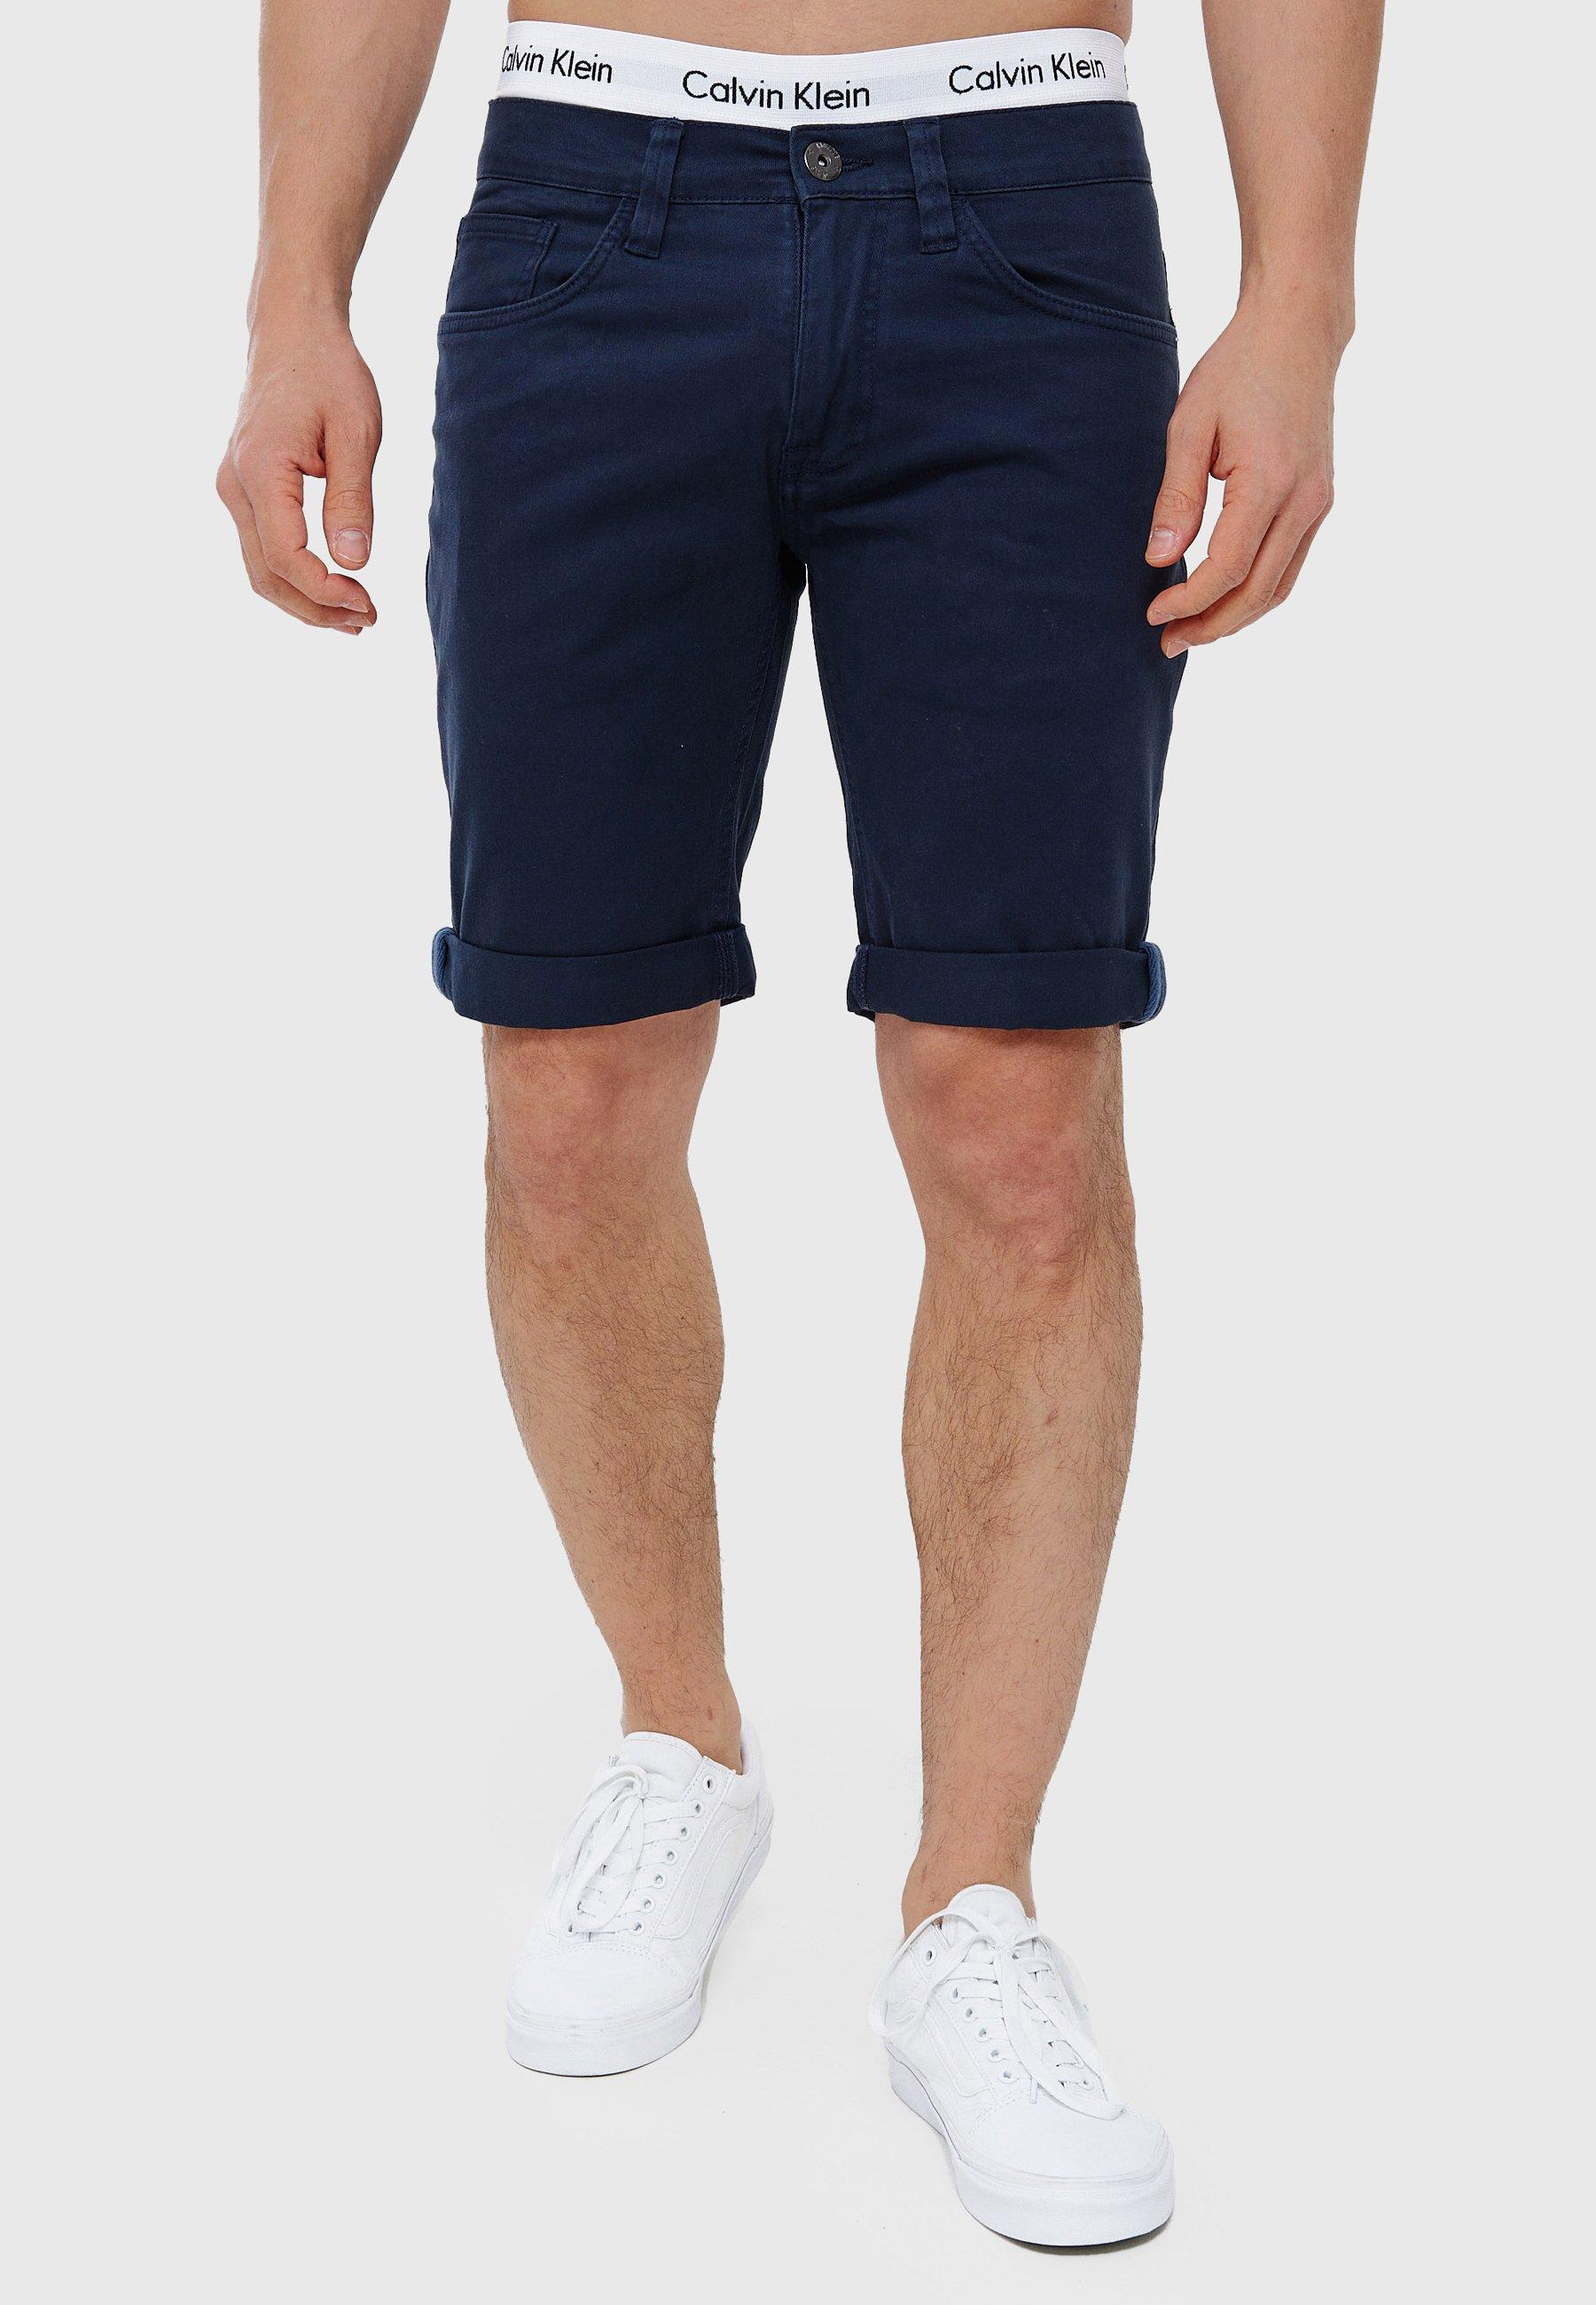 Homme VILLEURBANNE - Short en jean